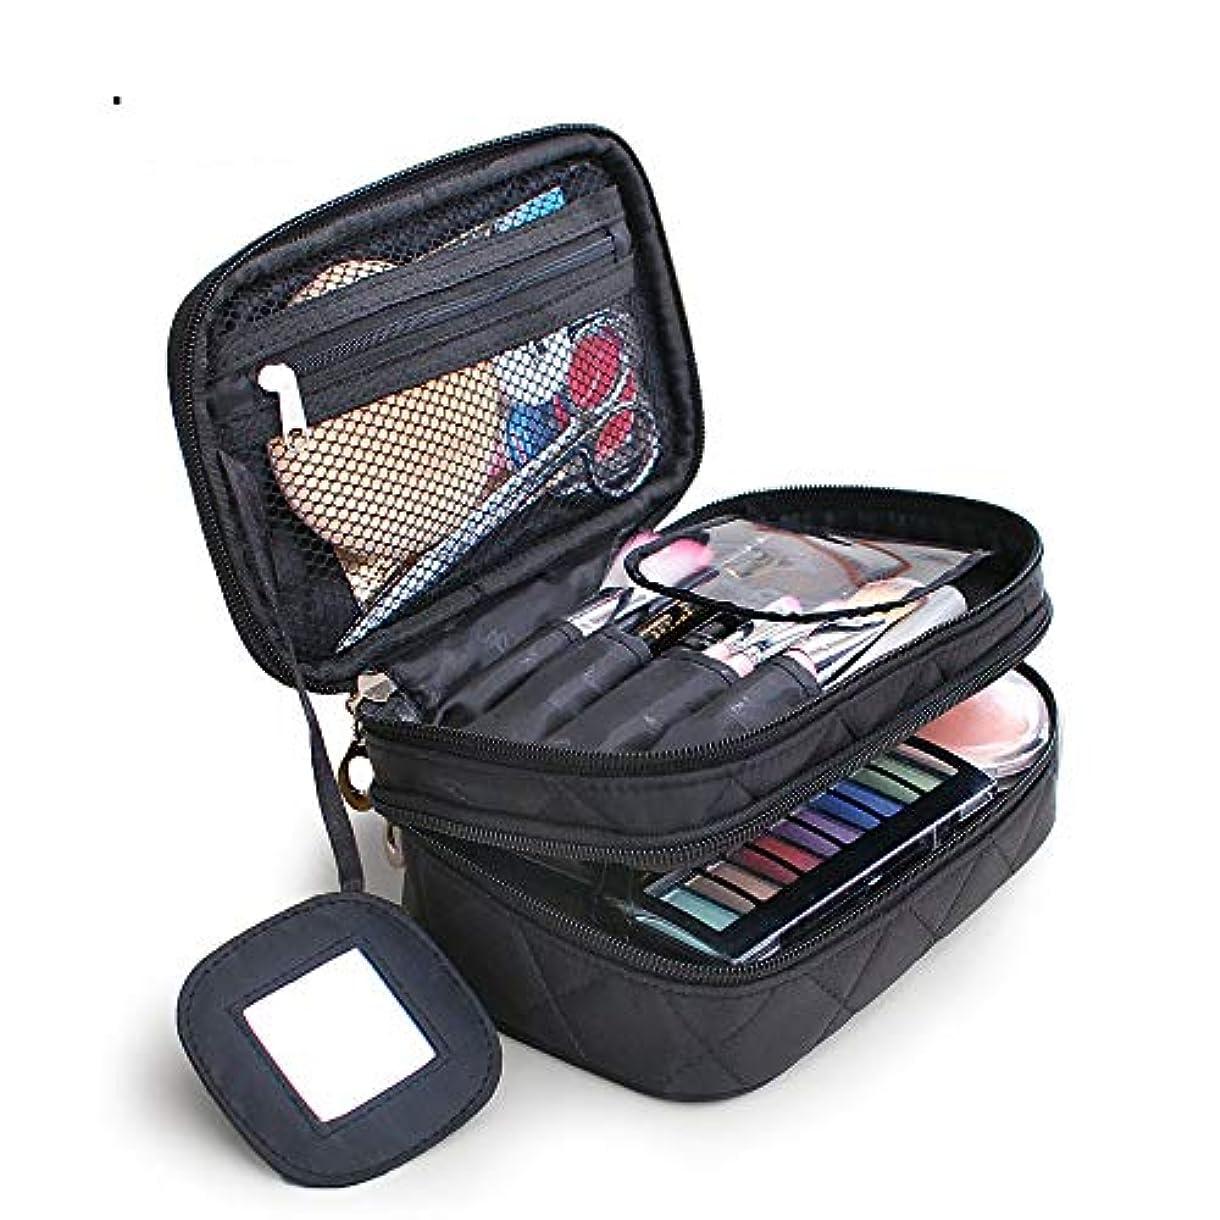 アラーム入手します私の特大スペース収納ビューティーボックス 旅行化粧化粧ケース、ポータブルブラシケース化粧品バッグ旅行セット収納袋化粧品バッグ、黒クラシック 化粧品化粧台